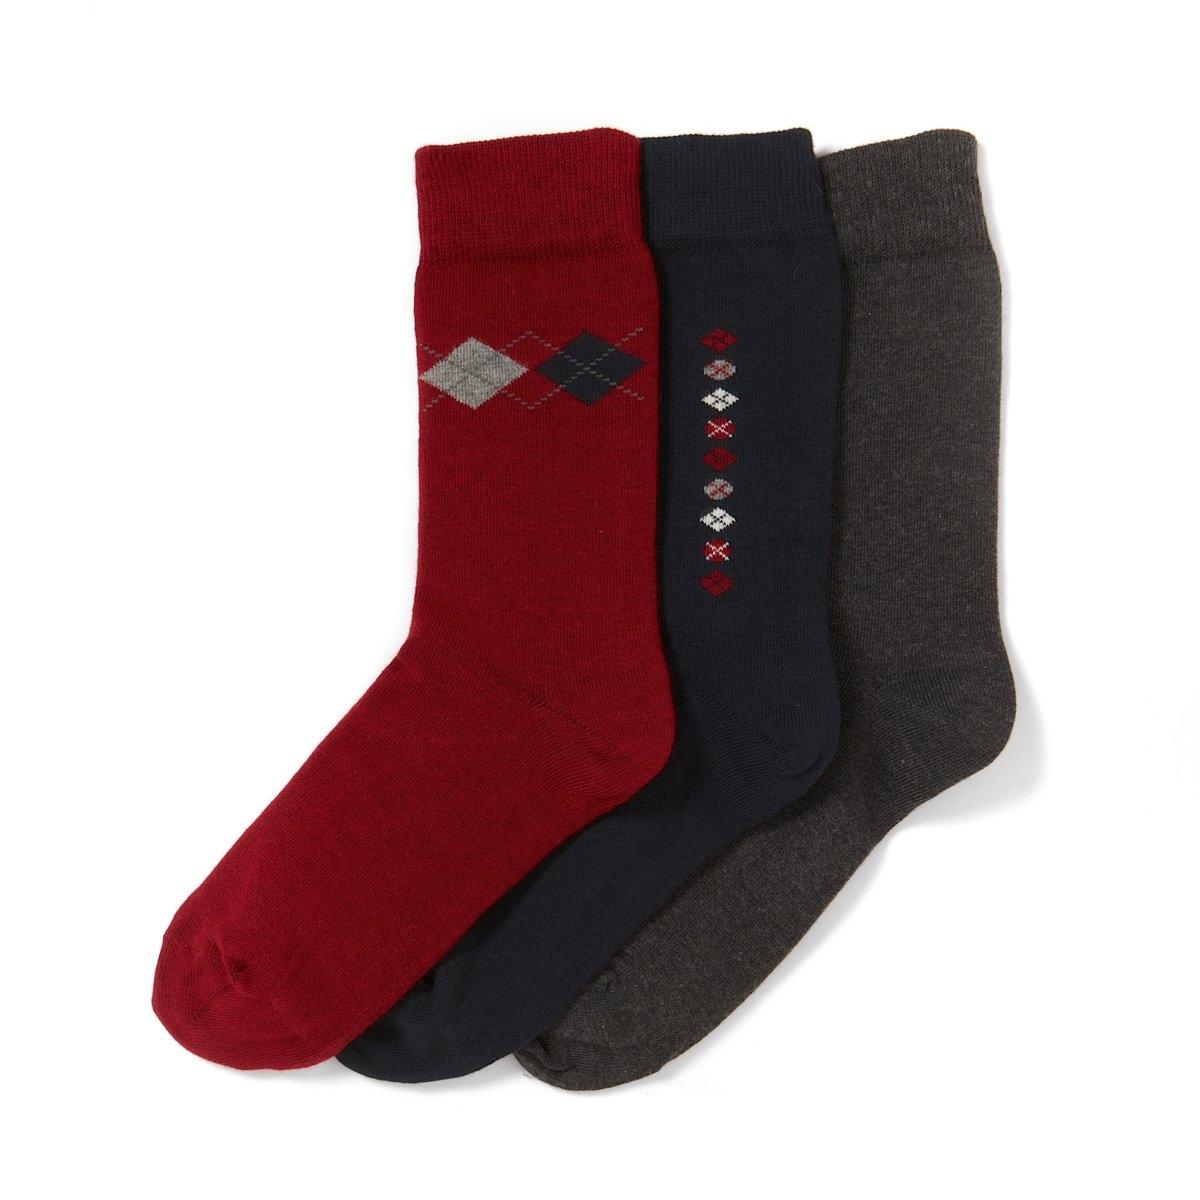 Комплект из 3 пар носковКомплект из 3 пар носков с узором.80% хлопка, 17% полиамида, 3% эластана.2 пары носков с красивым узором, 1 пара однотонных носков:из хлопка стретч, изысканных и удобных одновременно.<br><br>Цвет: темно-синий + красный + антрацит,черный + серый + антрацит/красный,черный + серый + антрацит/серый<br>Размер: 39/42.43/46.39/42.39/42